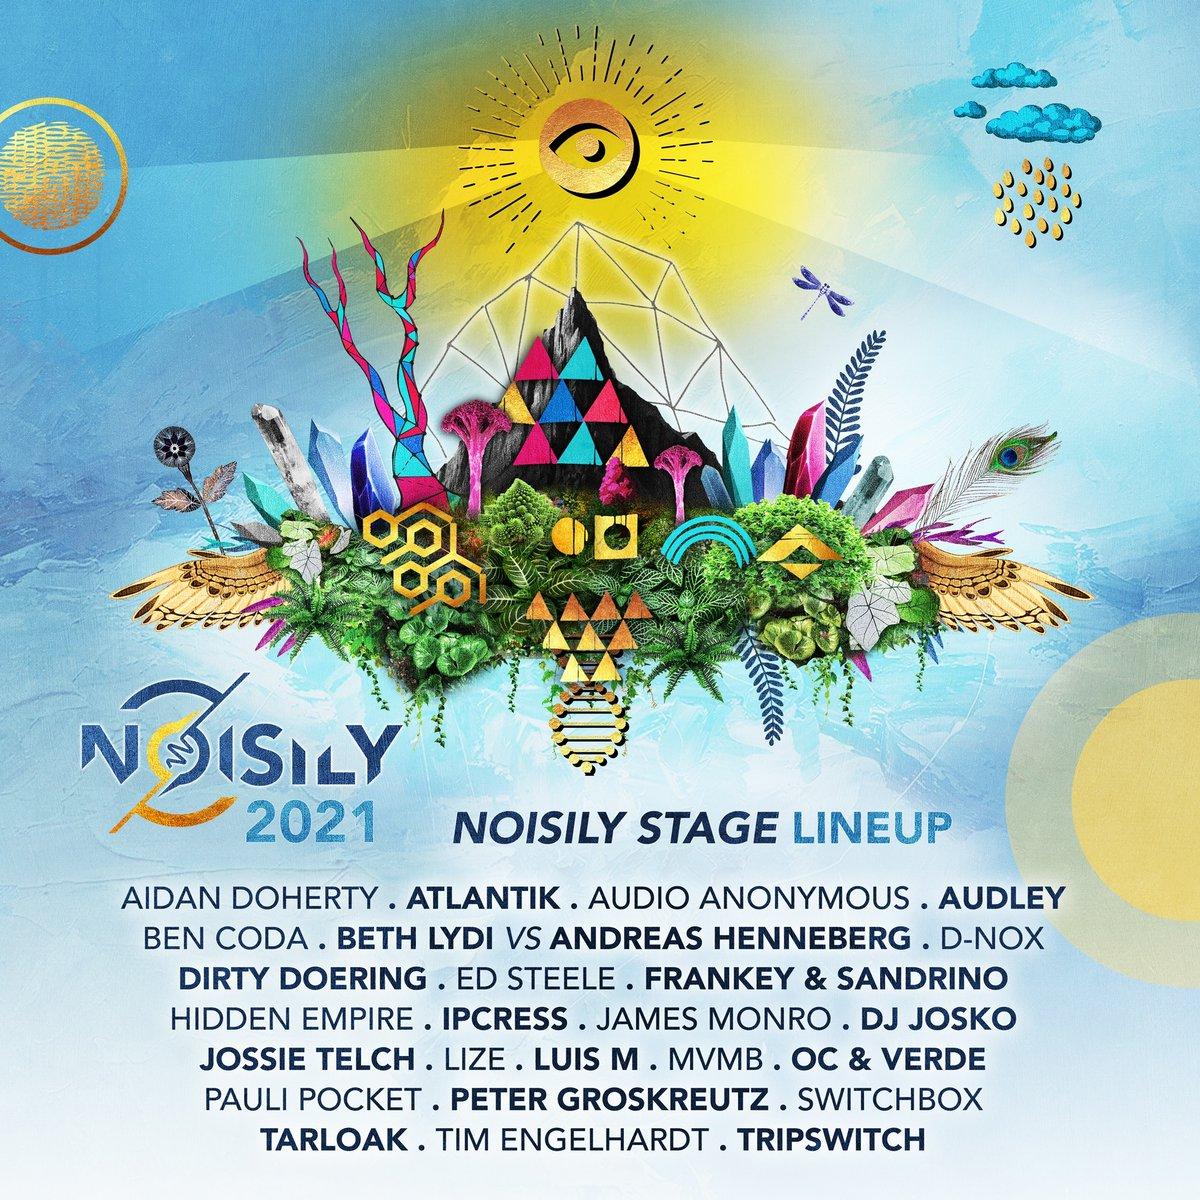 Noisily Festival (@NoisilyFestival) | Twitter